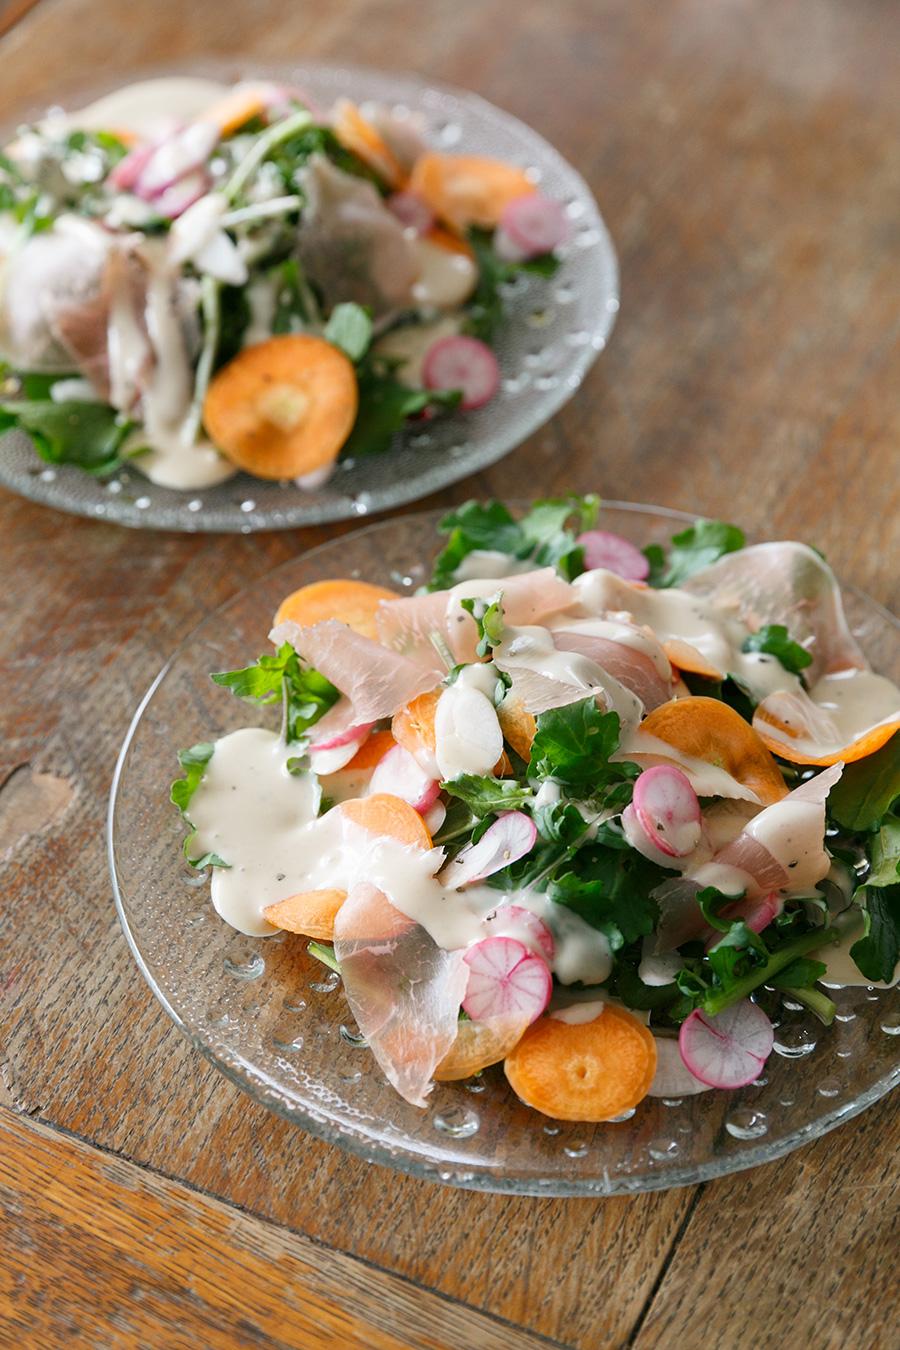 大根、にんじん、クレソンに、生ハムを合わせたサラダ。野菜の味が濃厚で、食べるとパワーが沸いてくる。